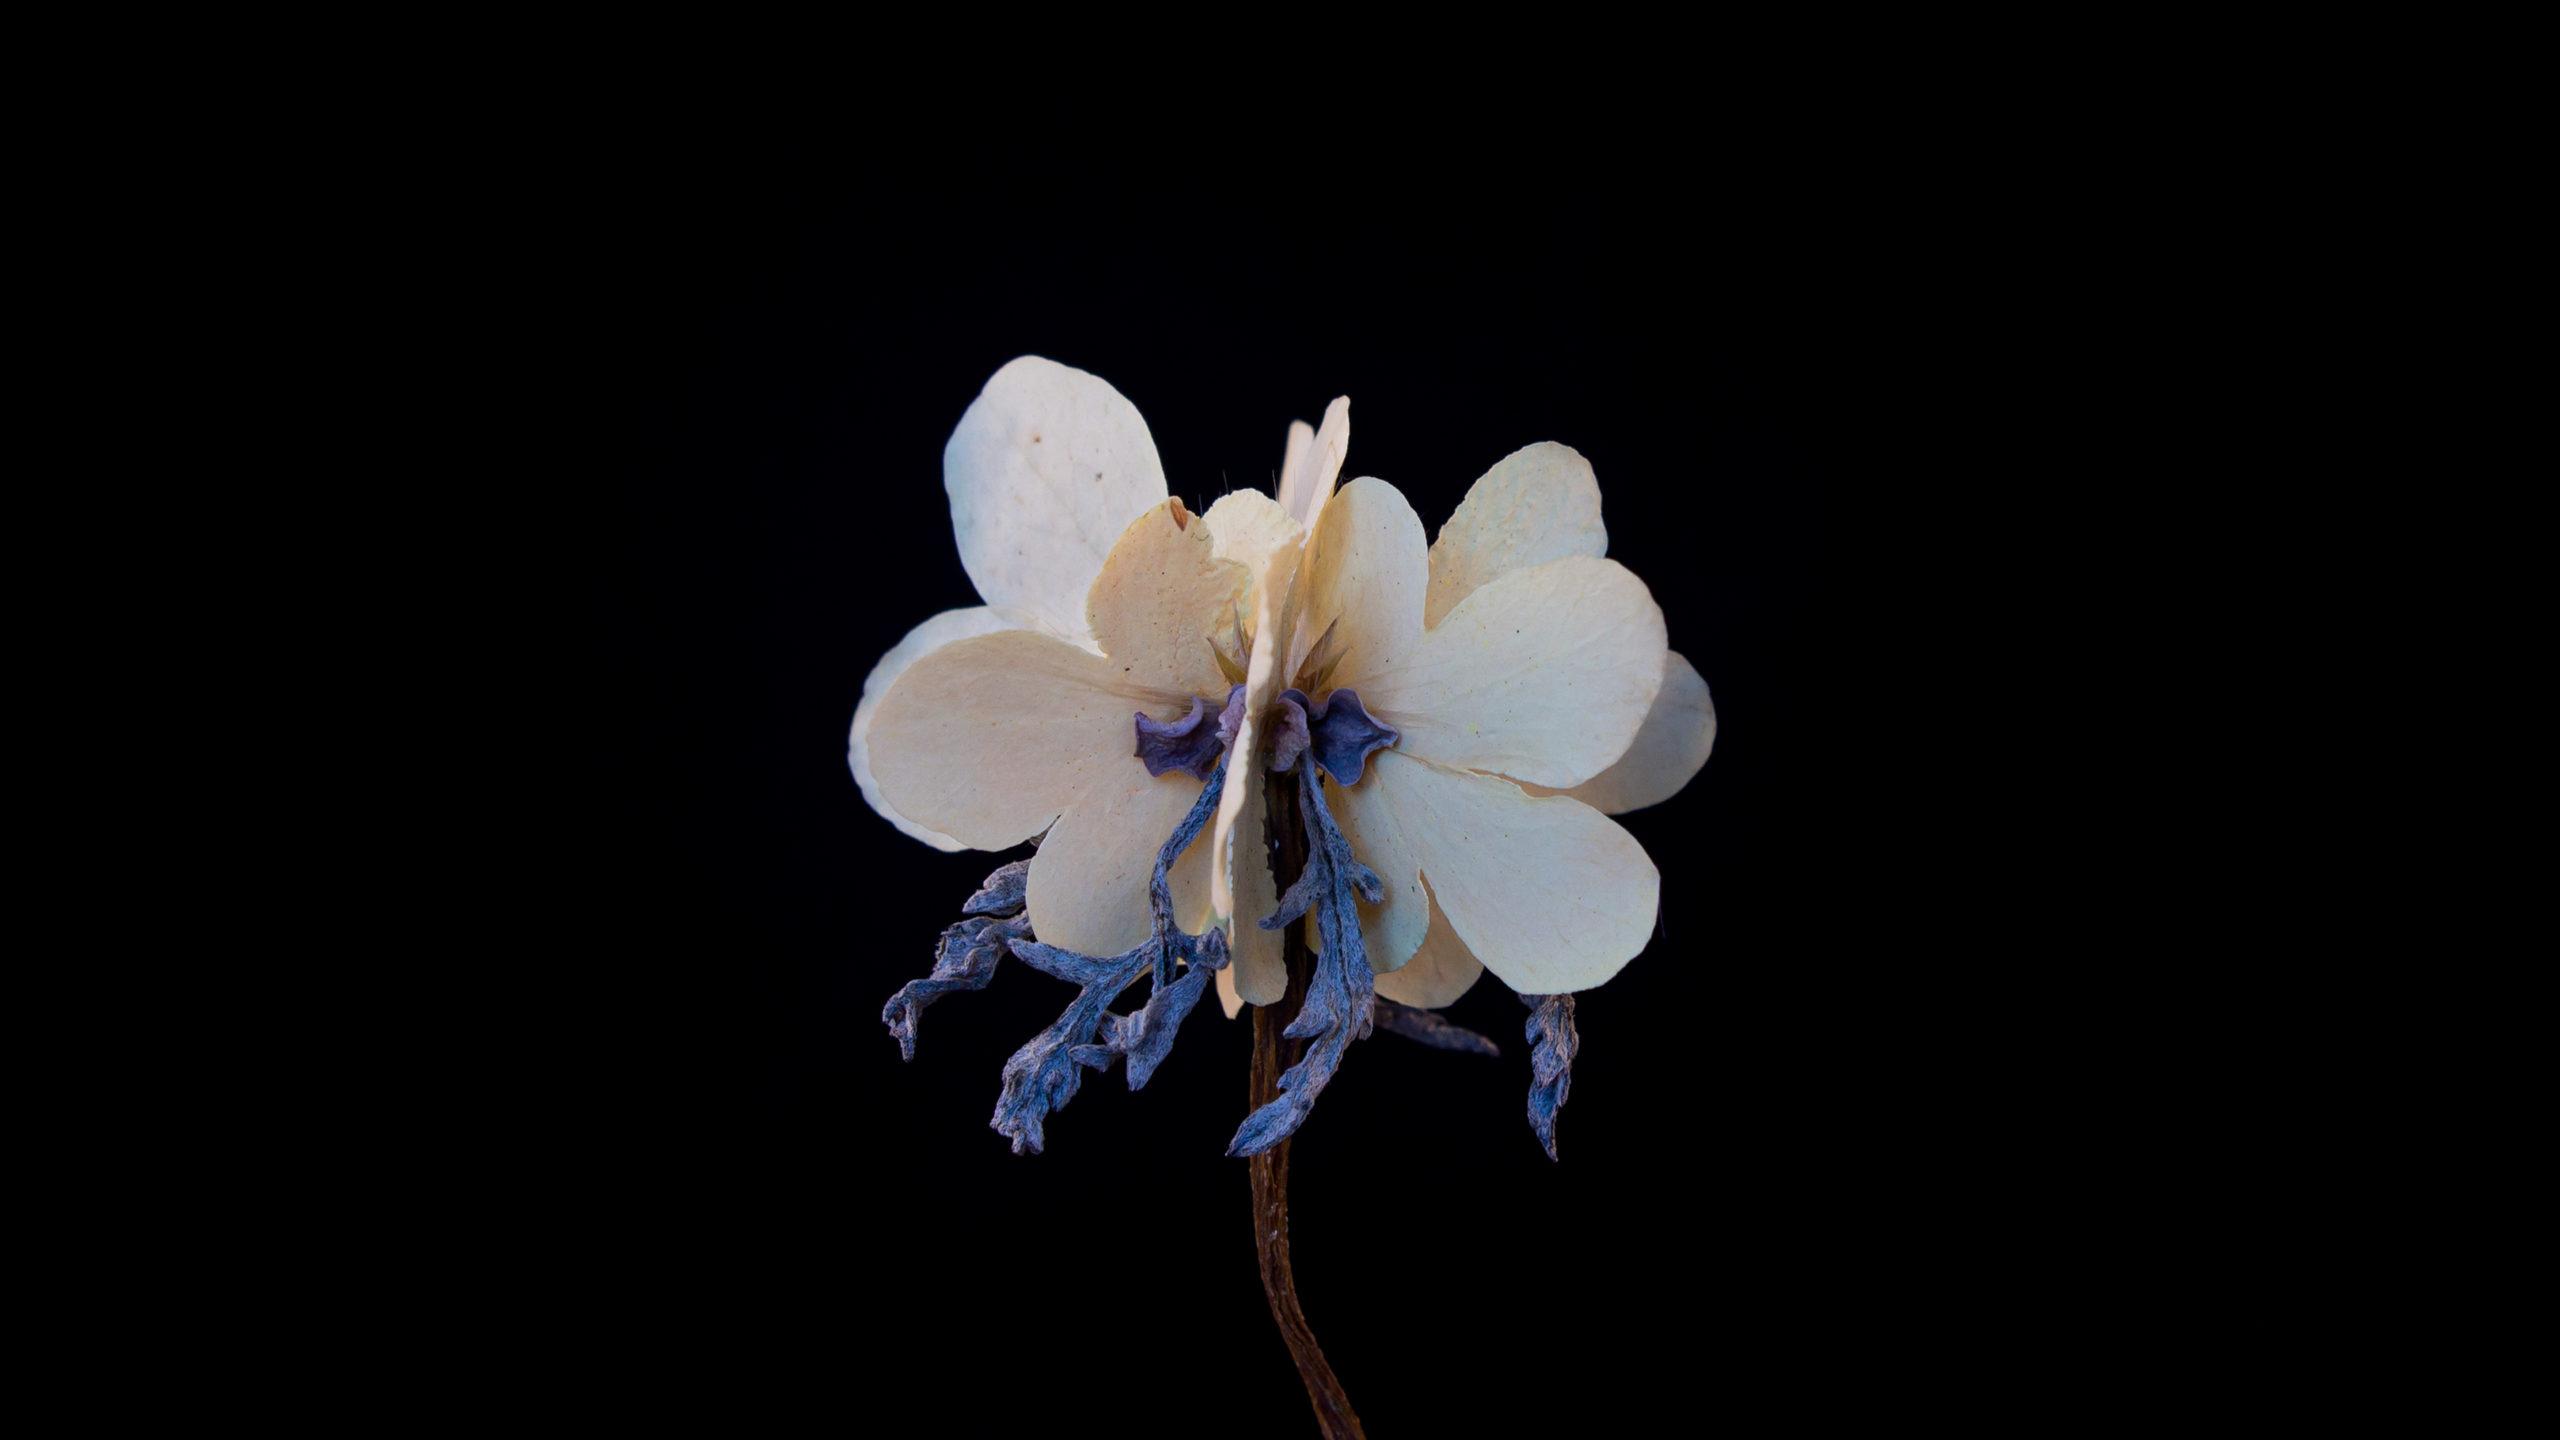 F. pluviagutta